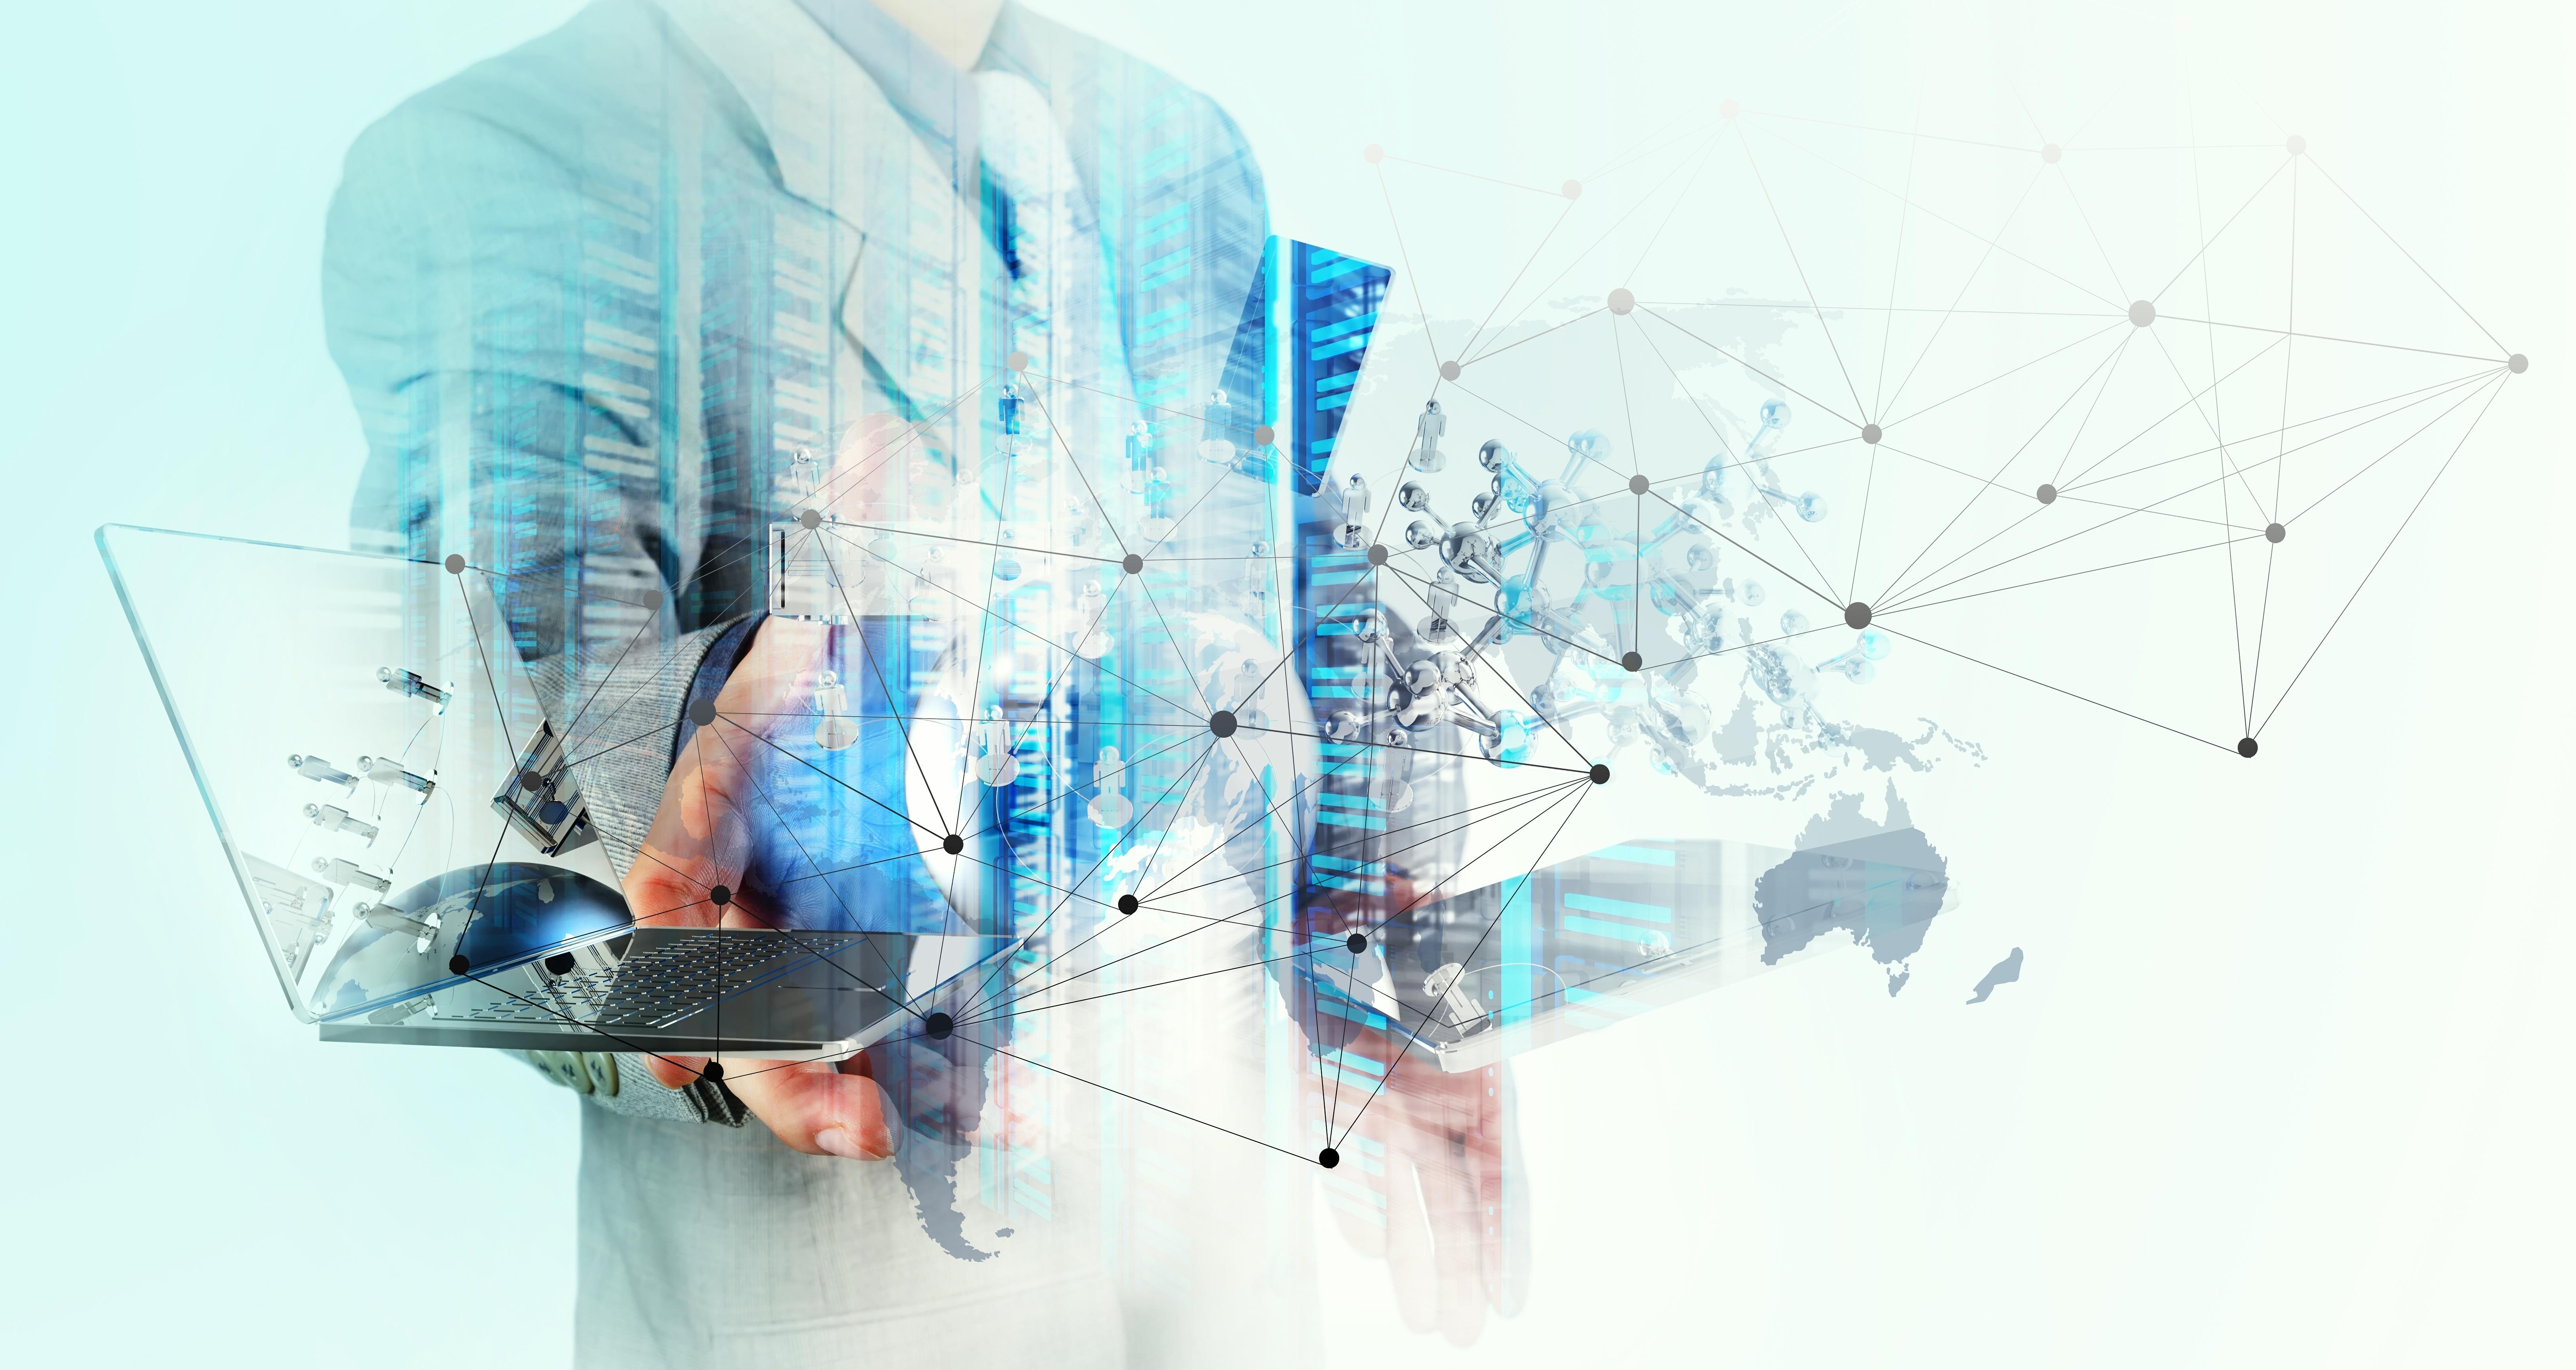 INCIBE mantiene su presupuesto en ciberseguridad